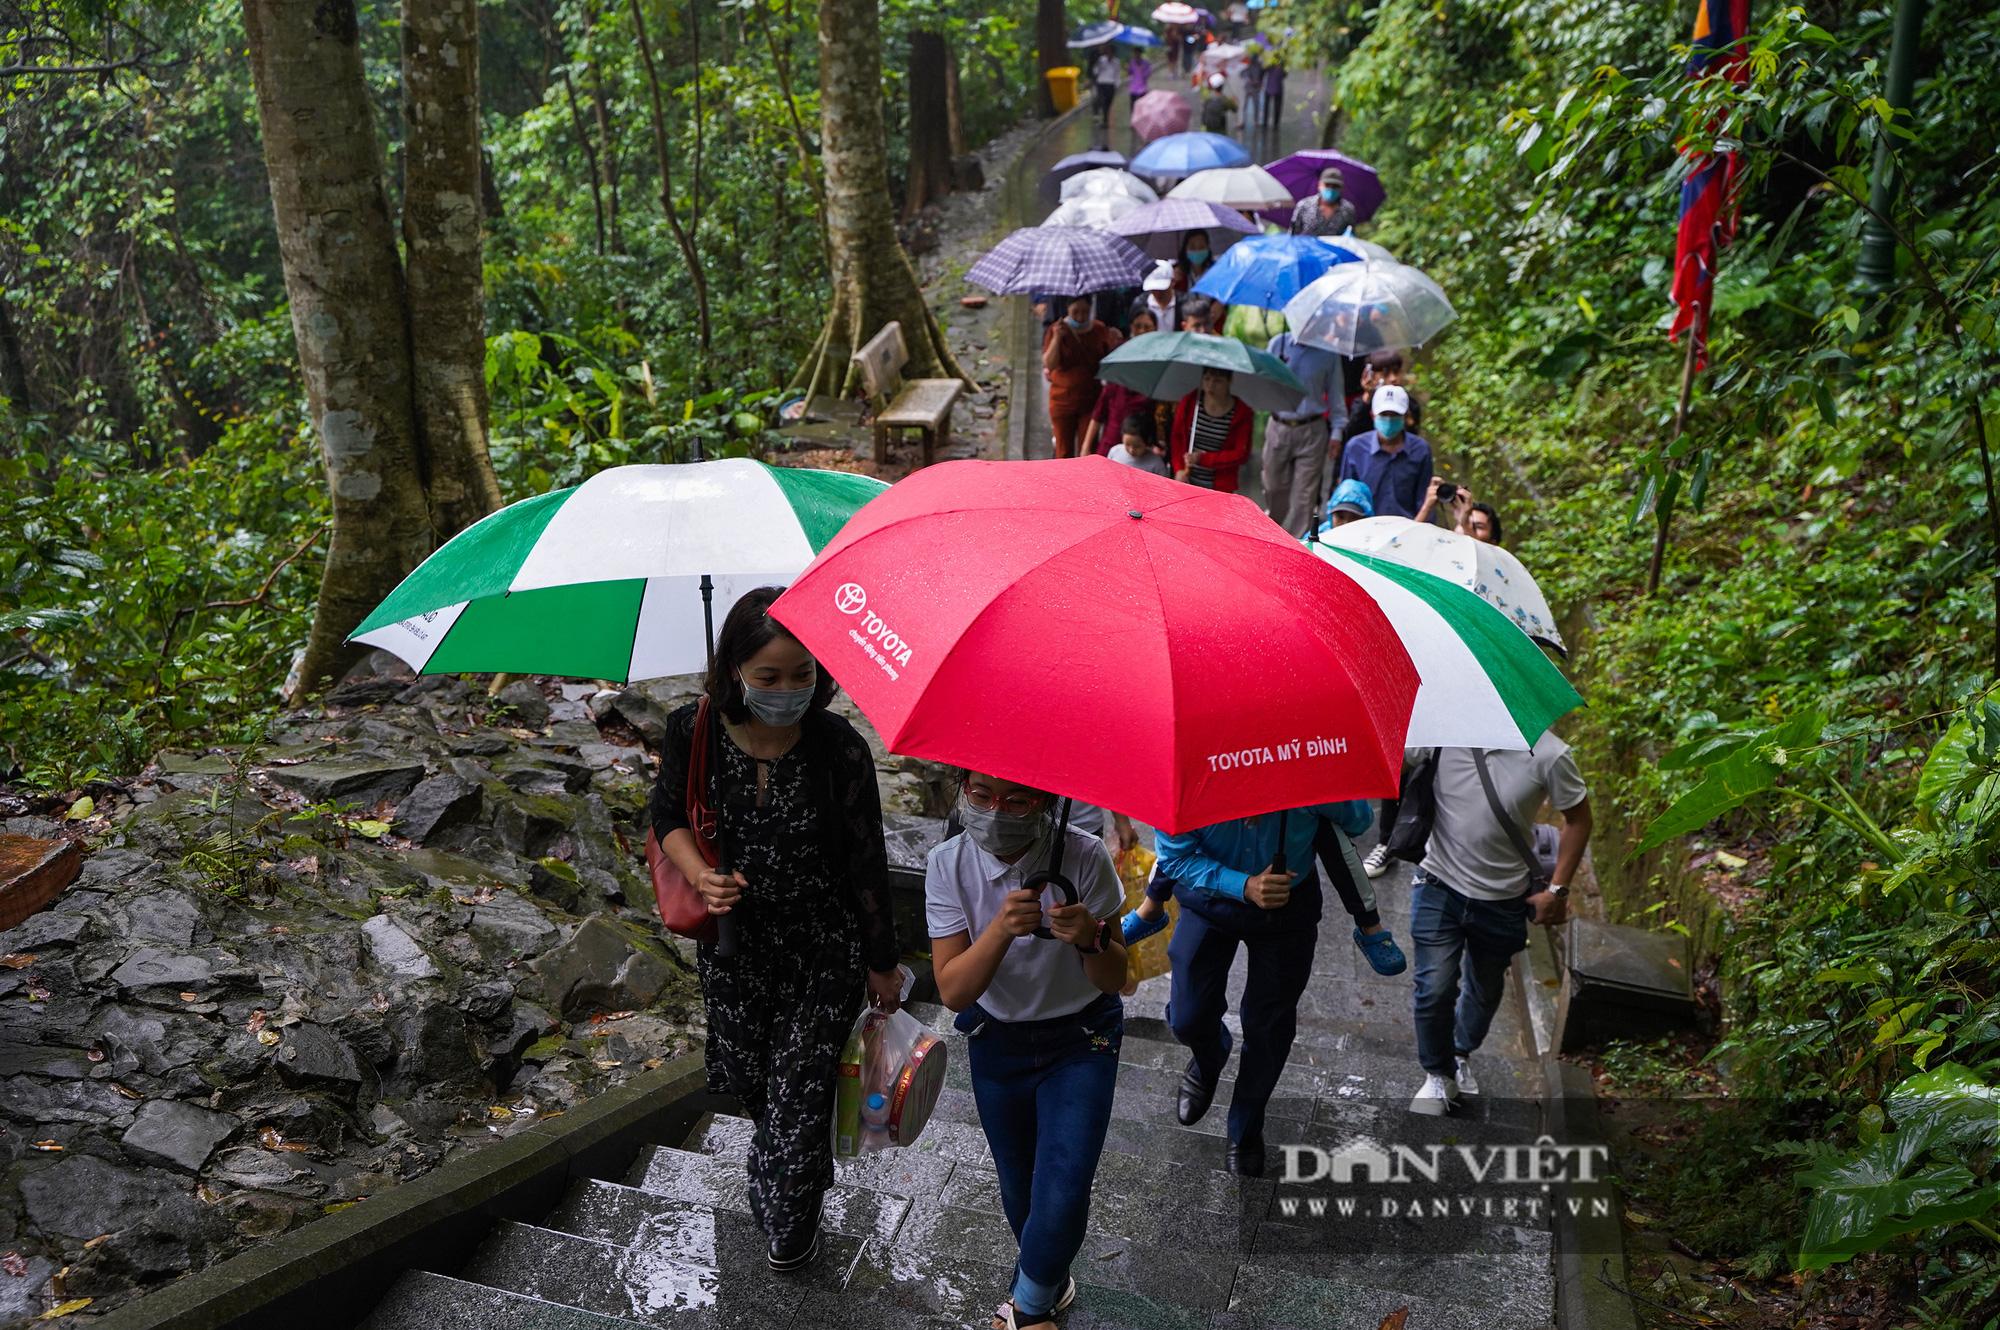 Người dân đội mưa đổ về đền Hùng trước ngày khai hội  - Ảnh 6.